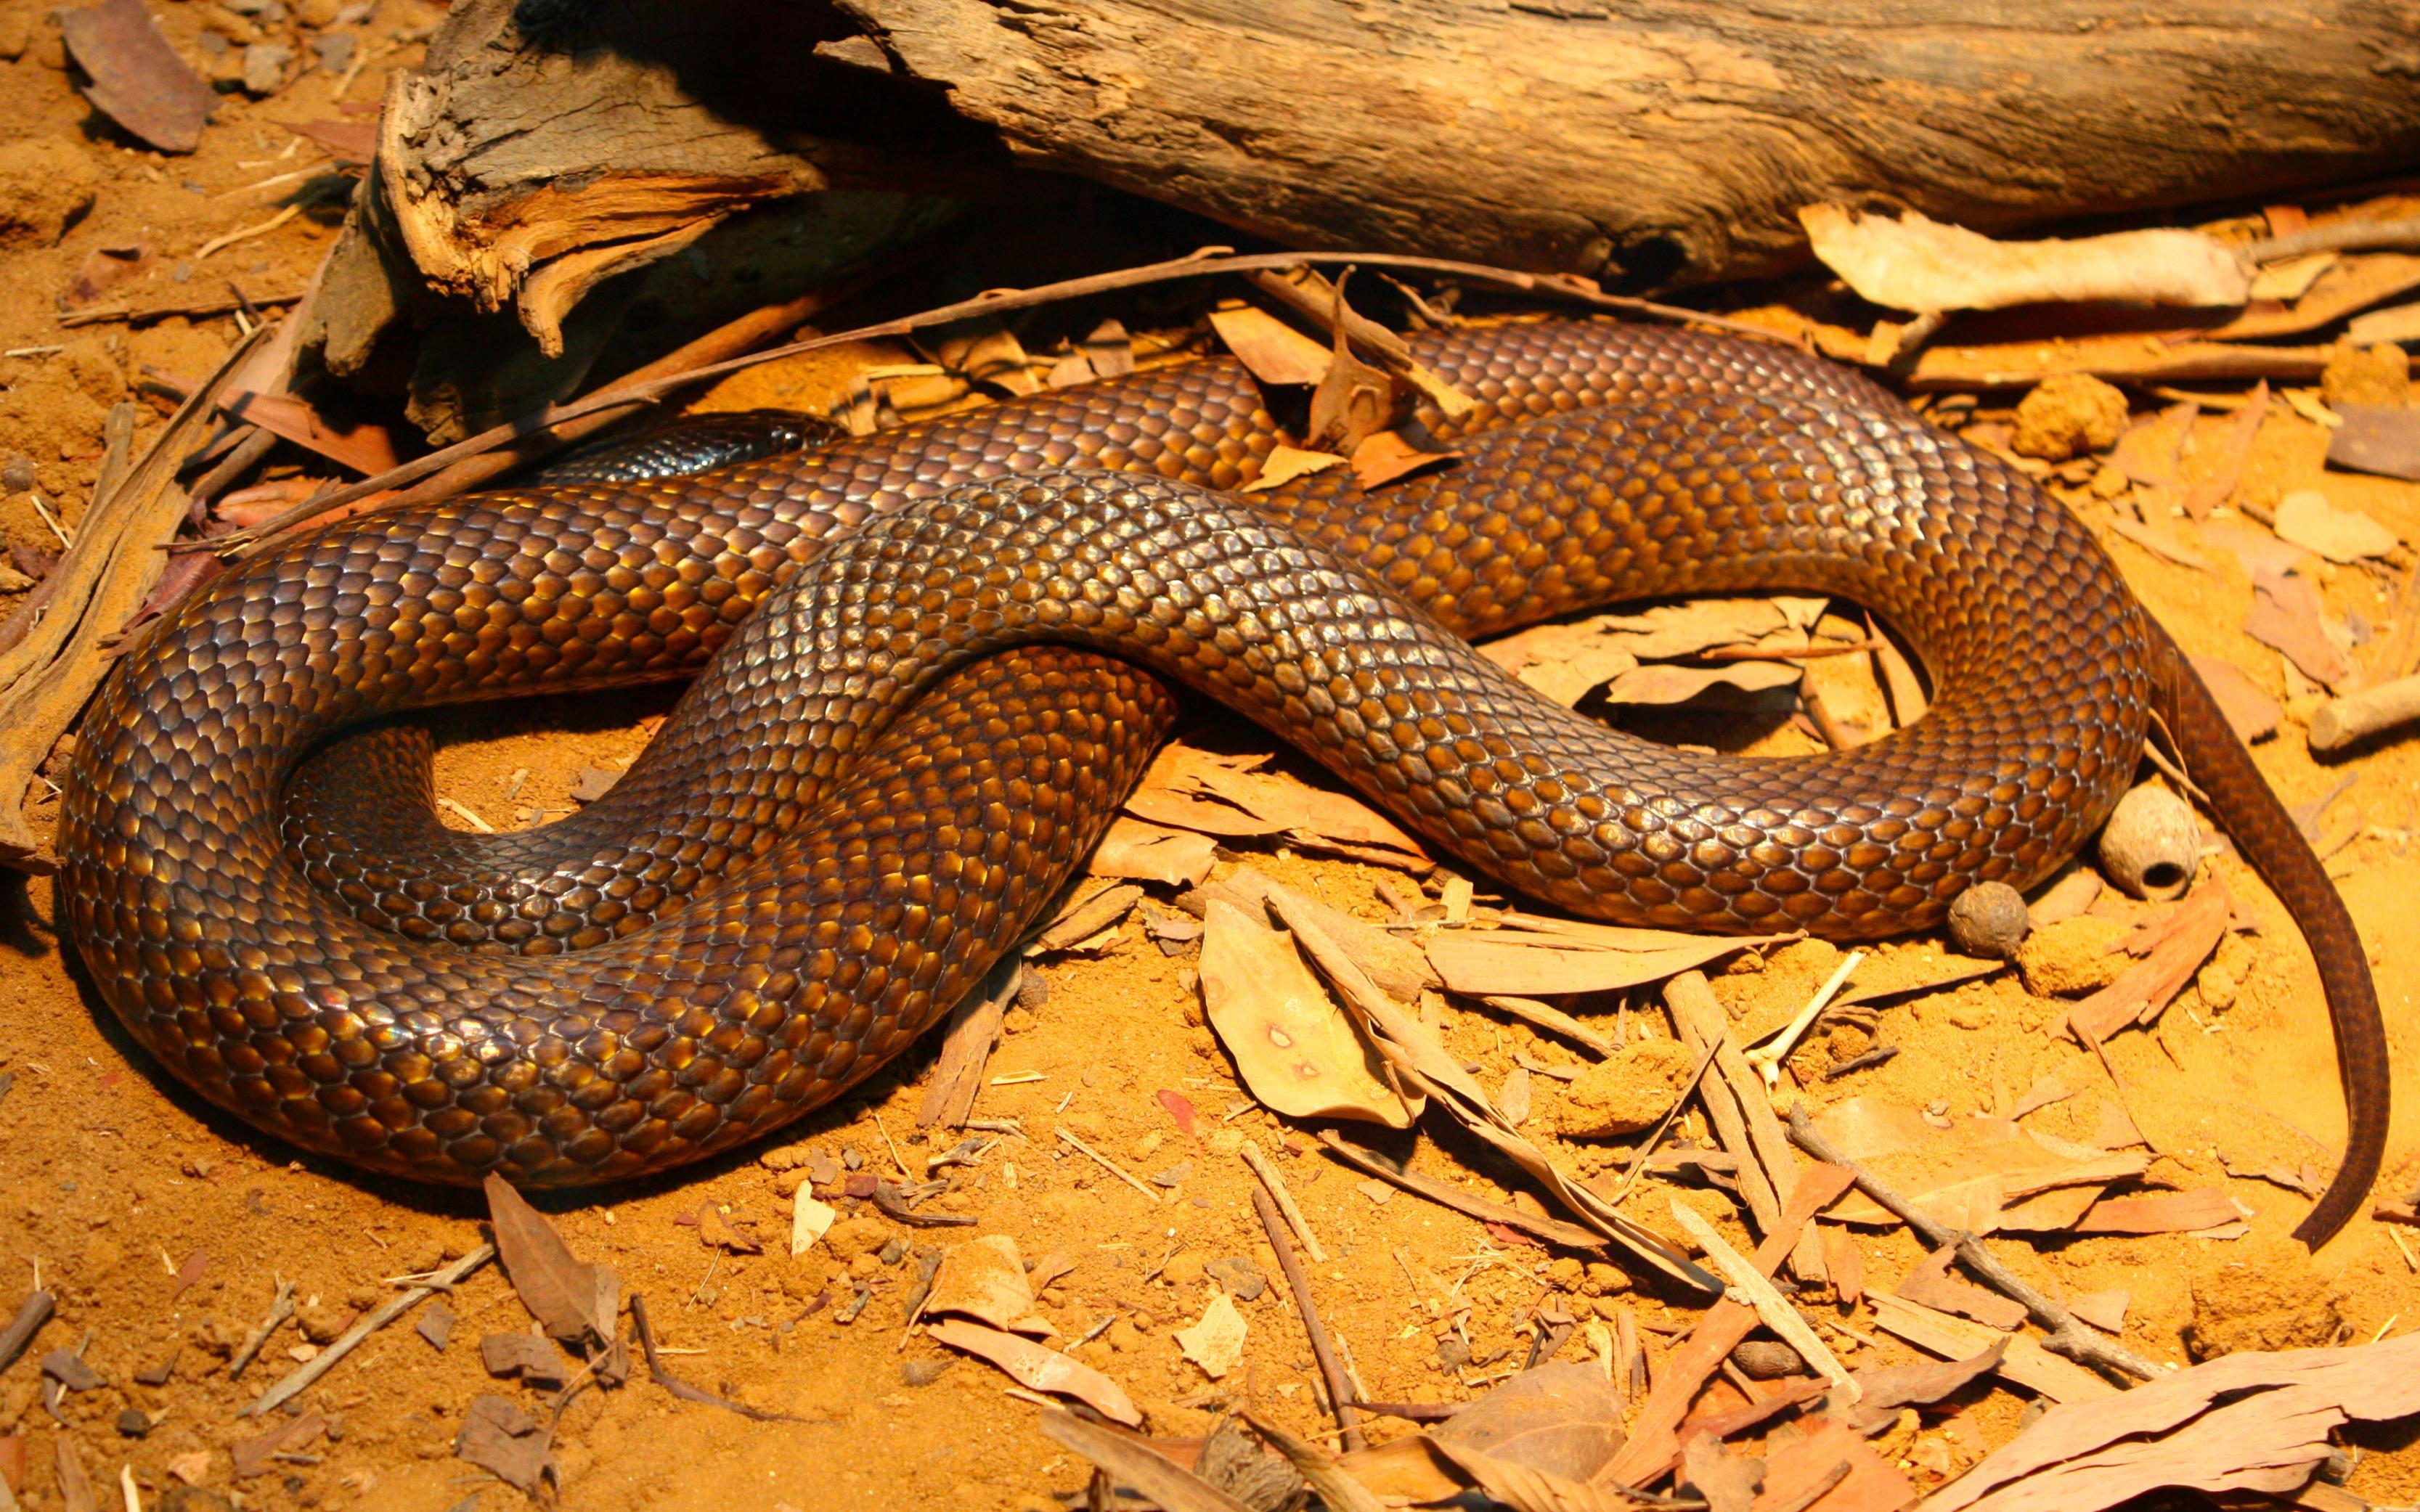 بالصور انواع الثعابين , تعرف على العديد من انواع الثعابين 5709 5